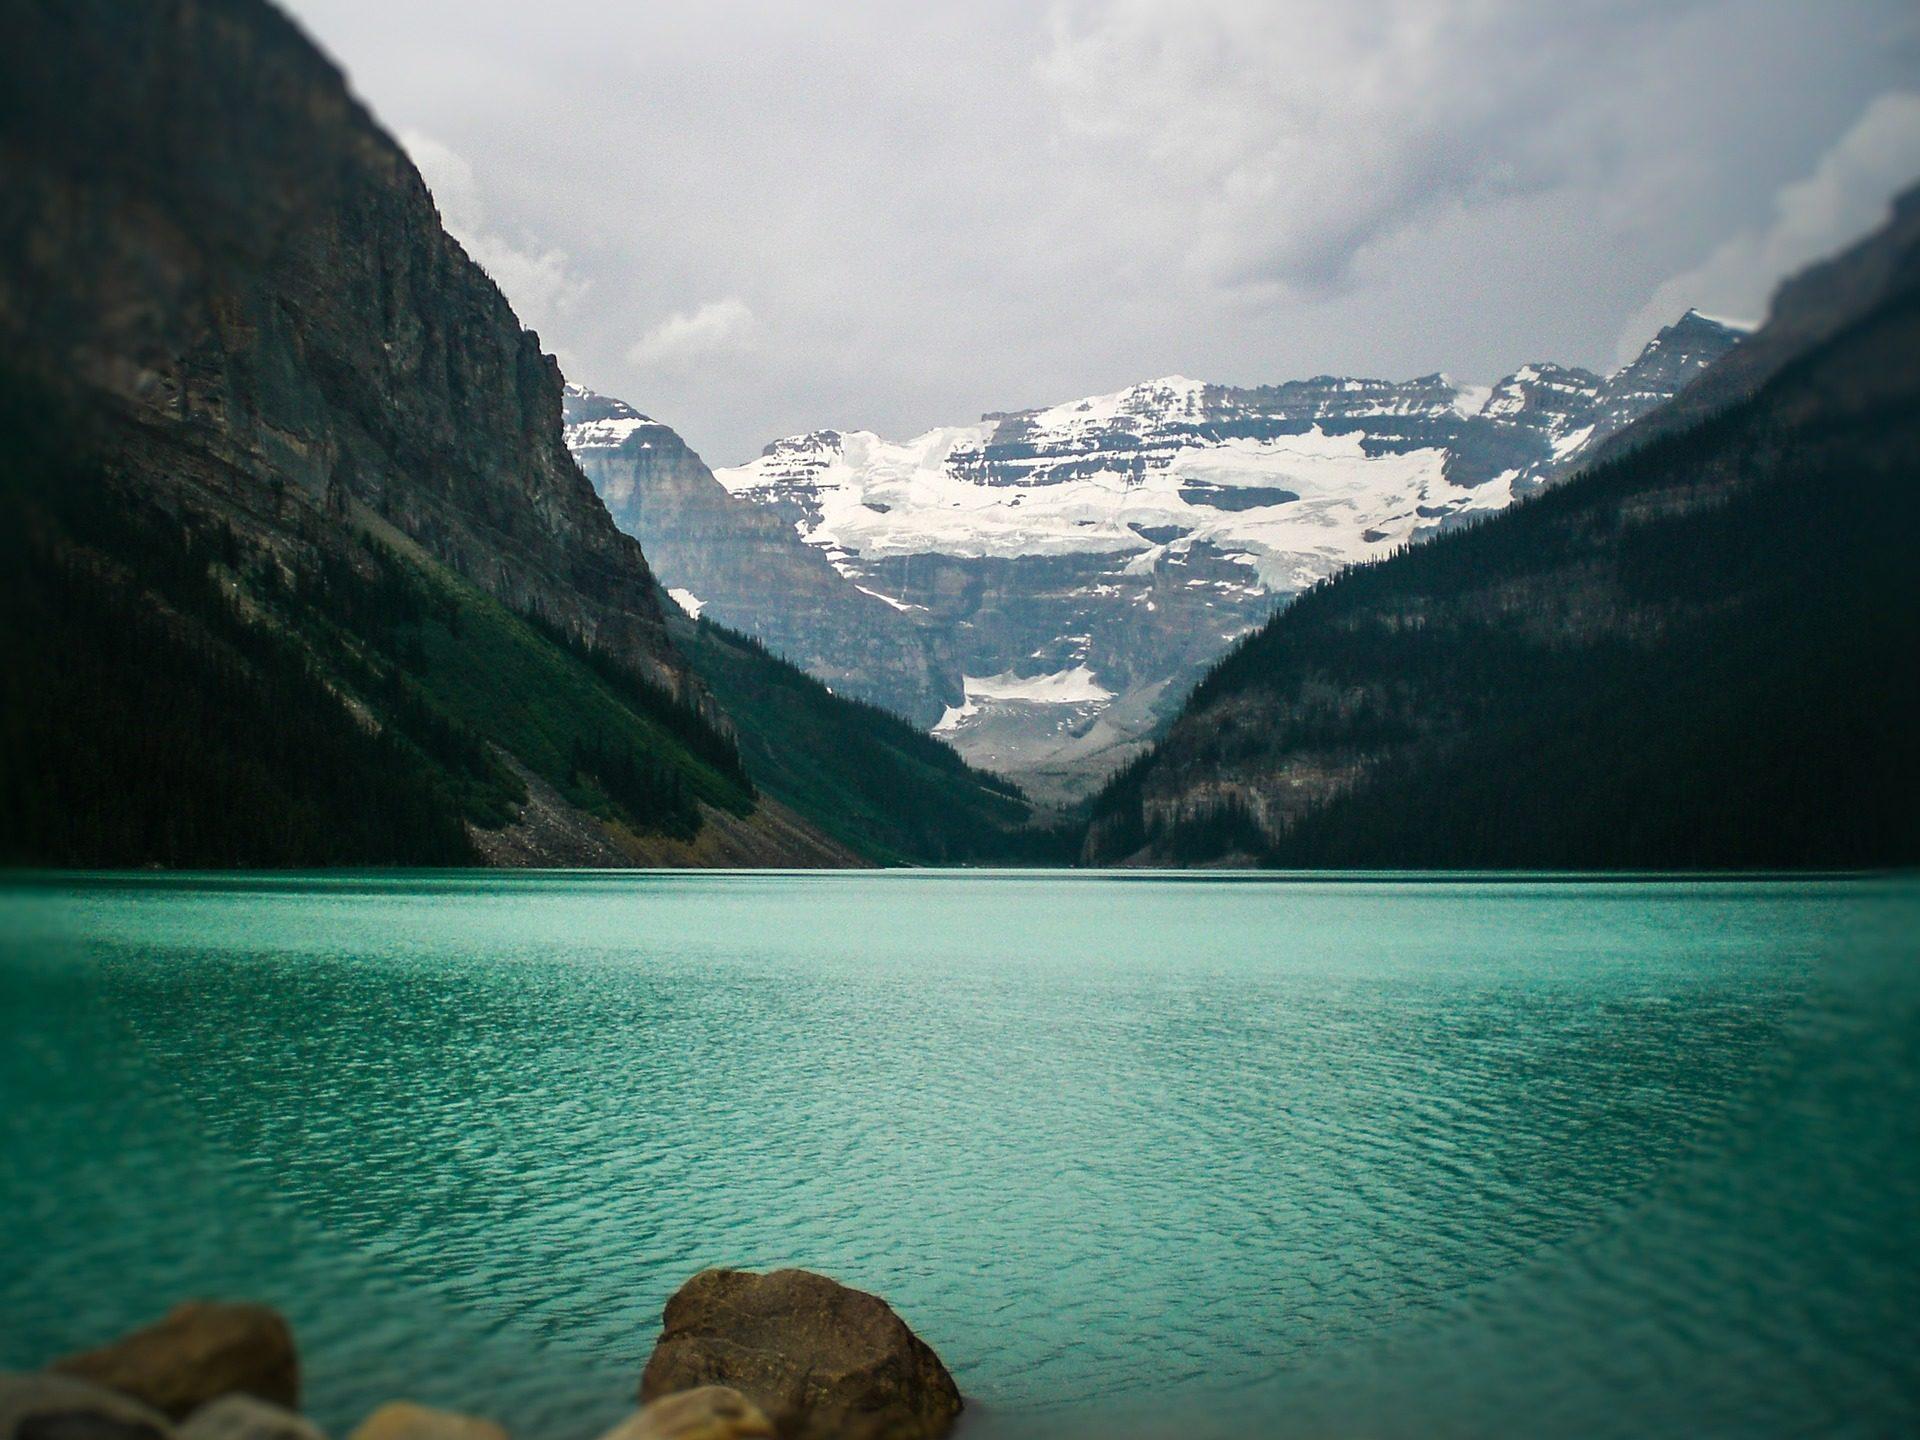 झील, Montañas, बर्फ, मरकत, लुईस, कनाडा - HD वॉलपेपर - प्रोफेसर-falken.com